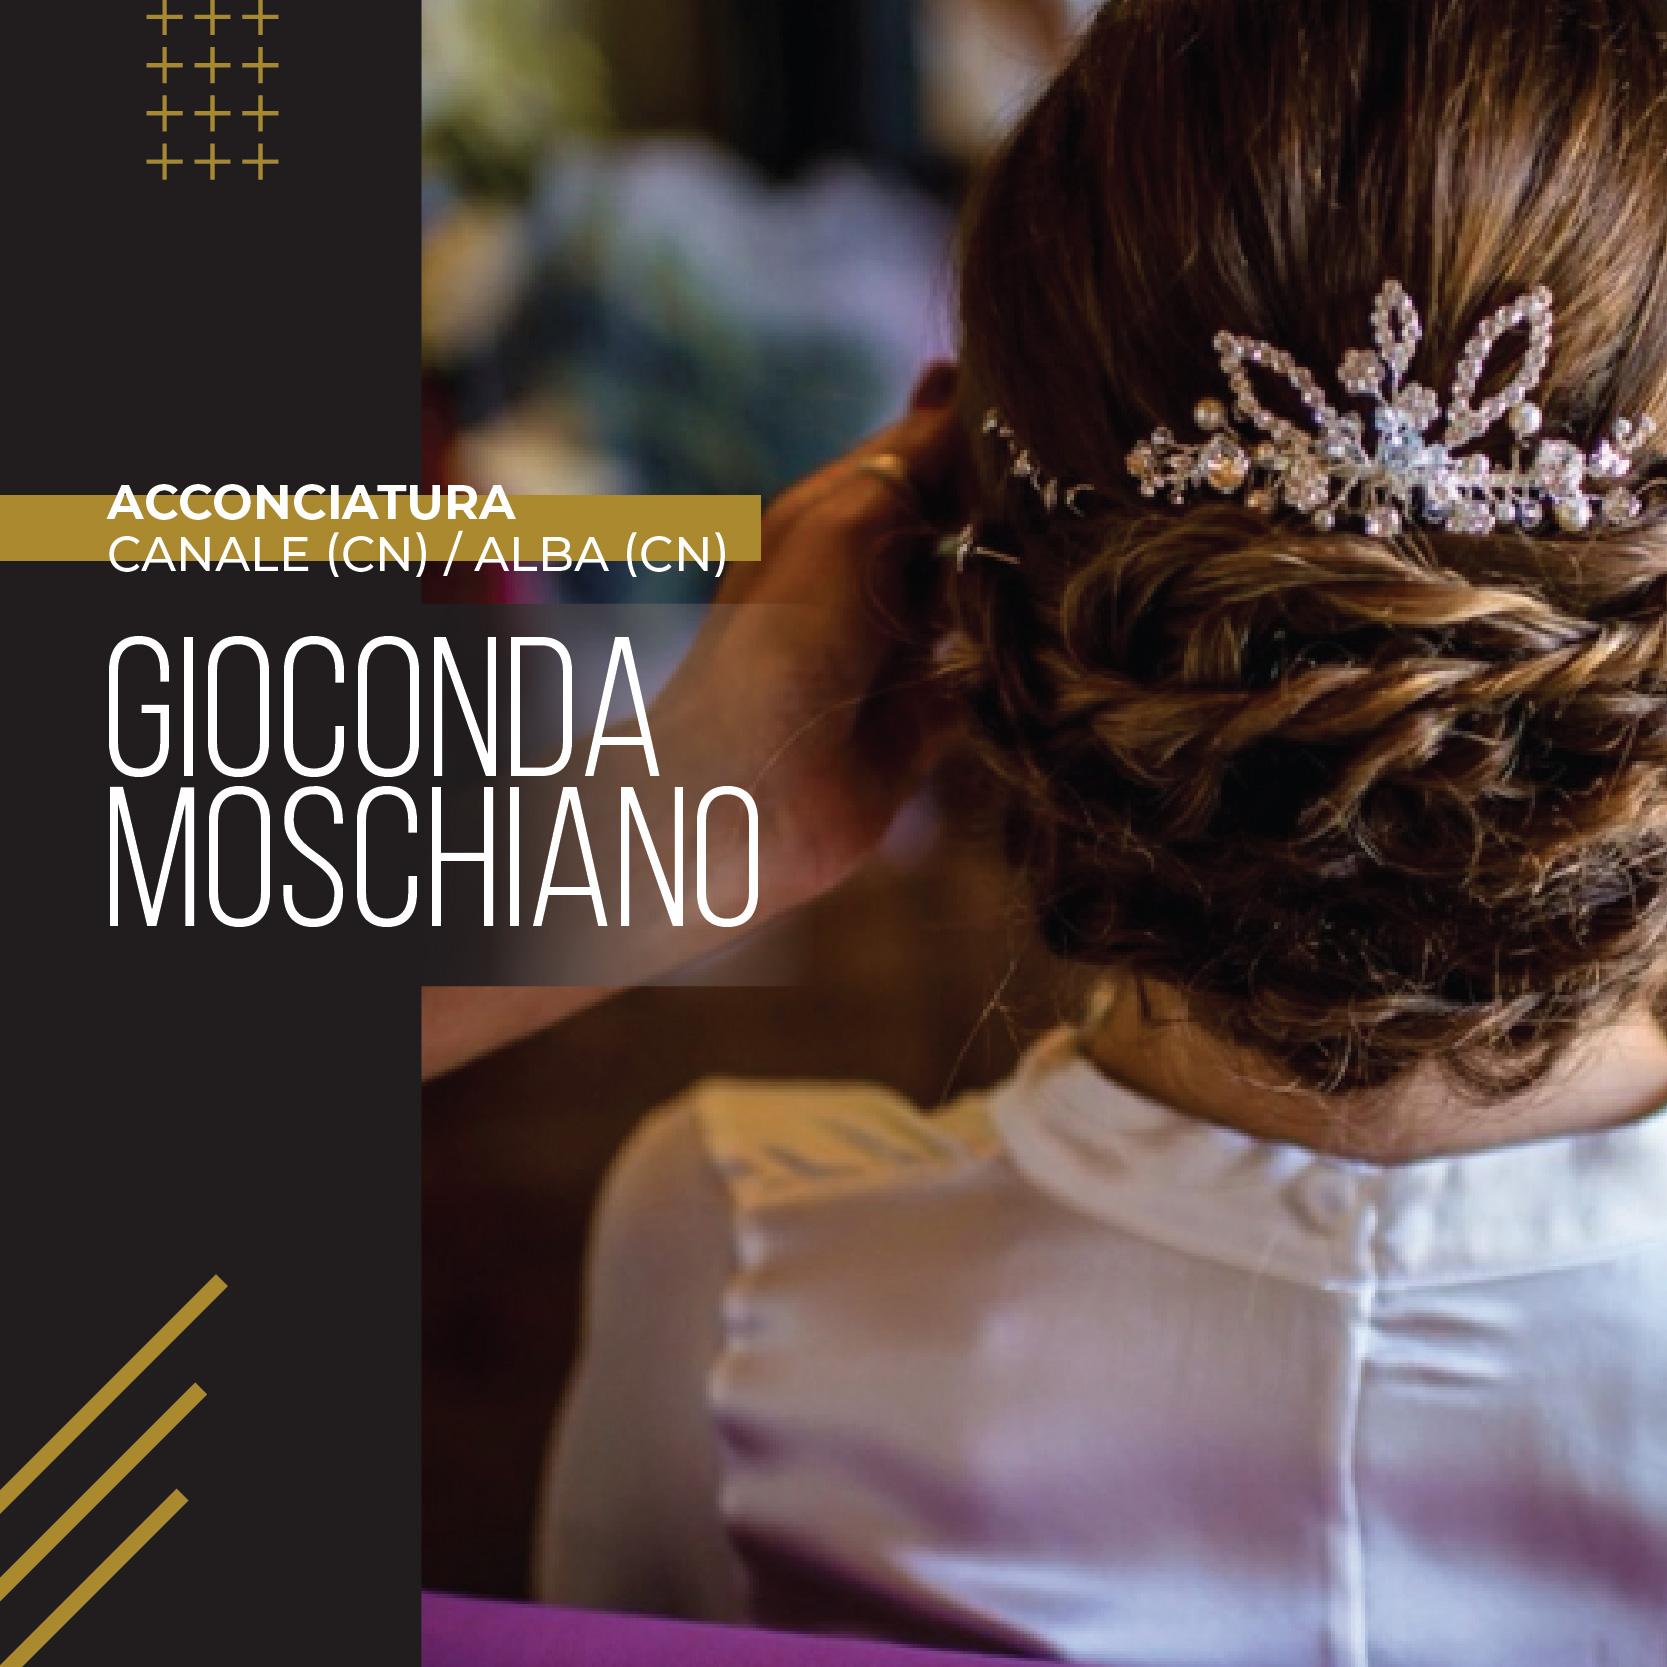 GIOCONDA MOSCHIANO